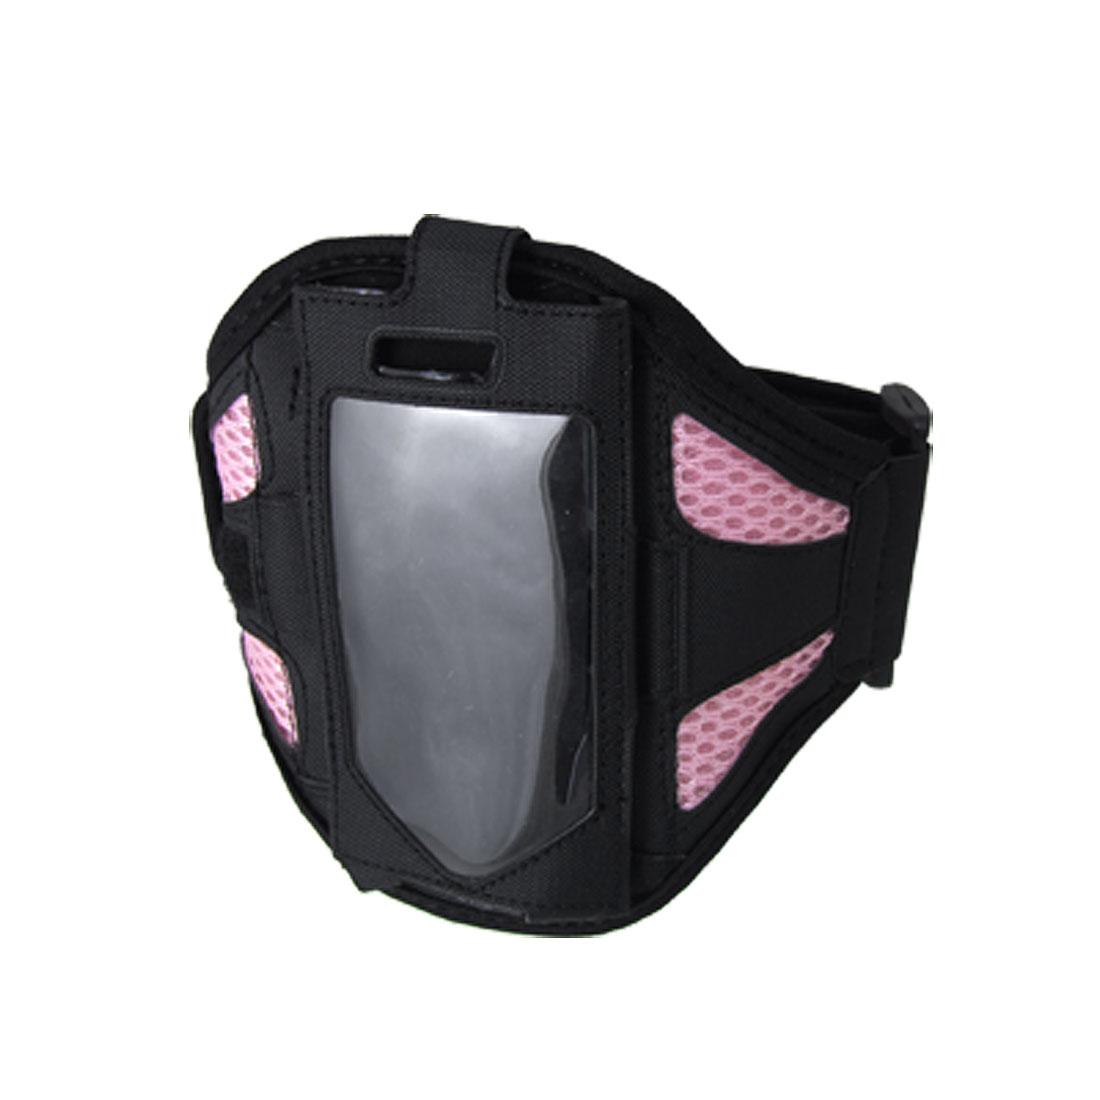 Black Pink Mesh Design Sports Adjustable Holder Armband for Cell Phone